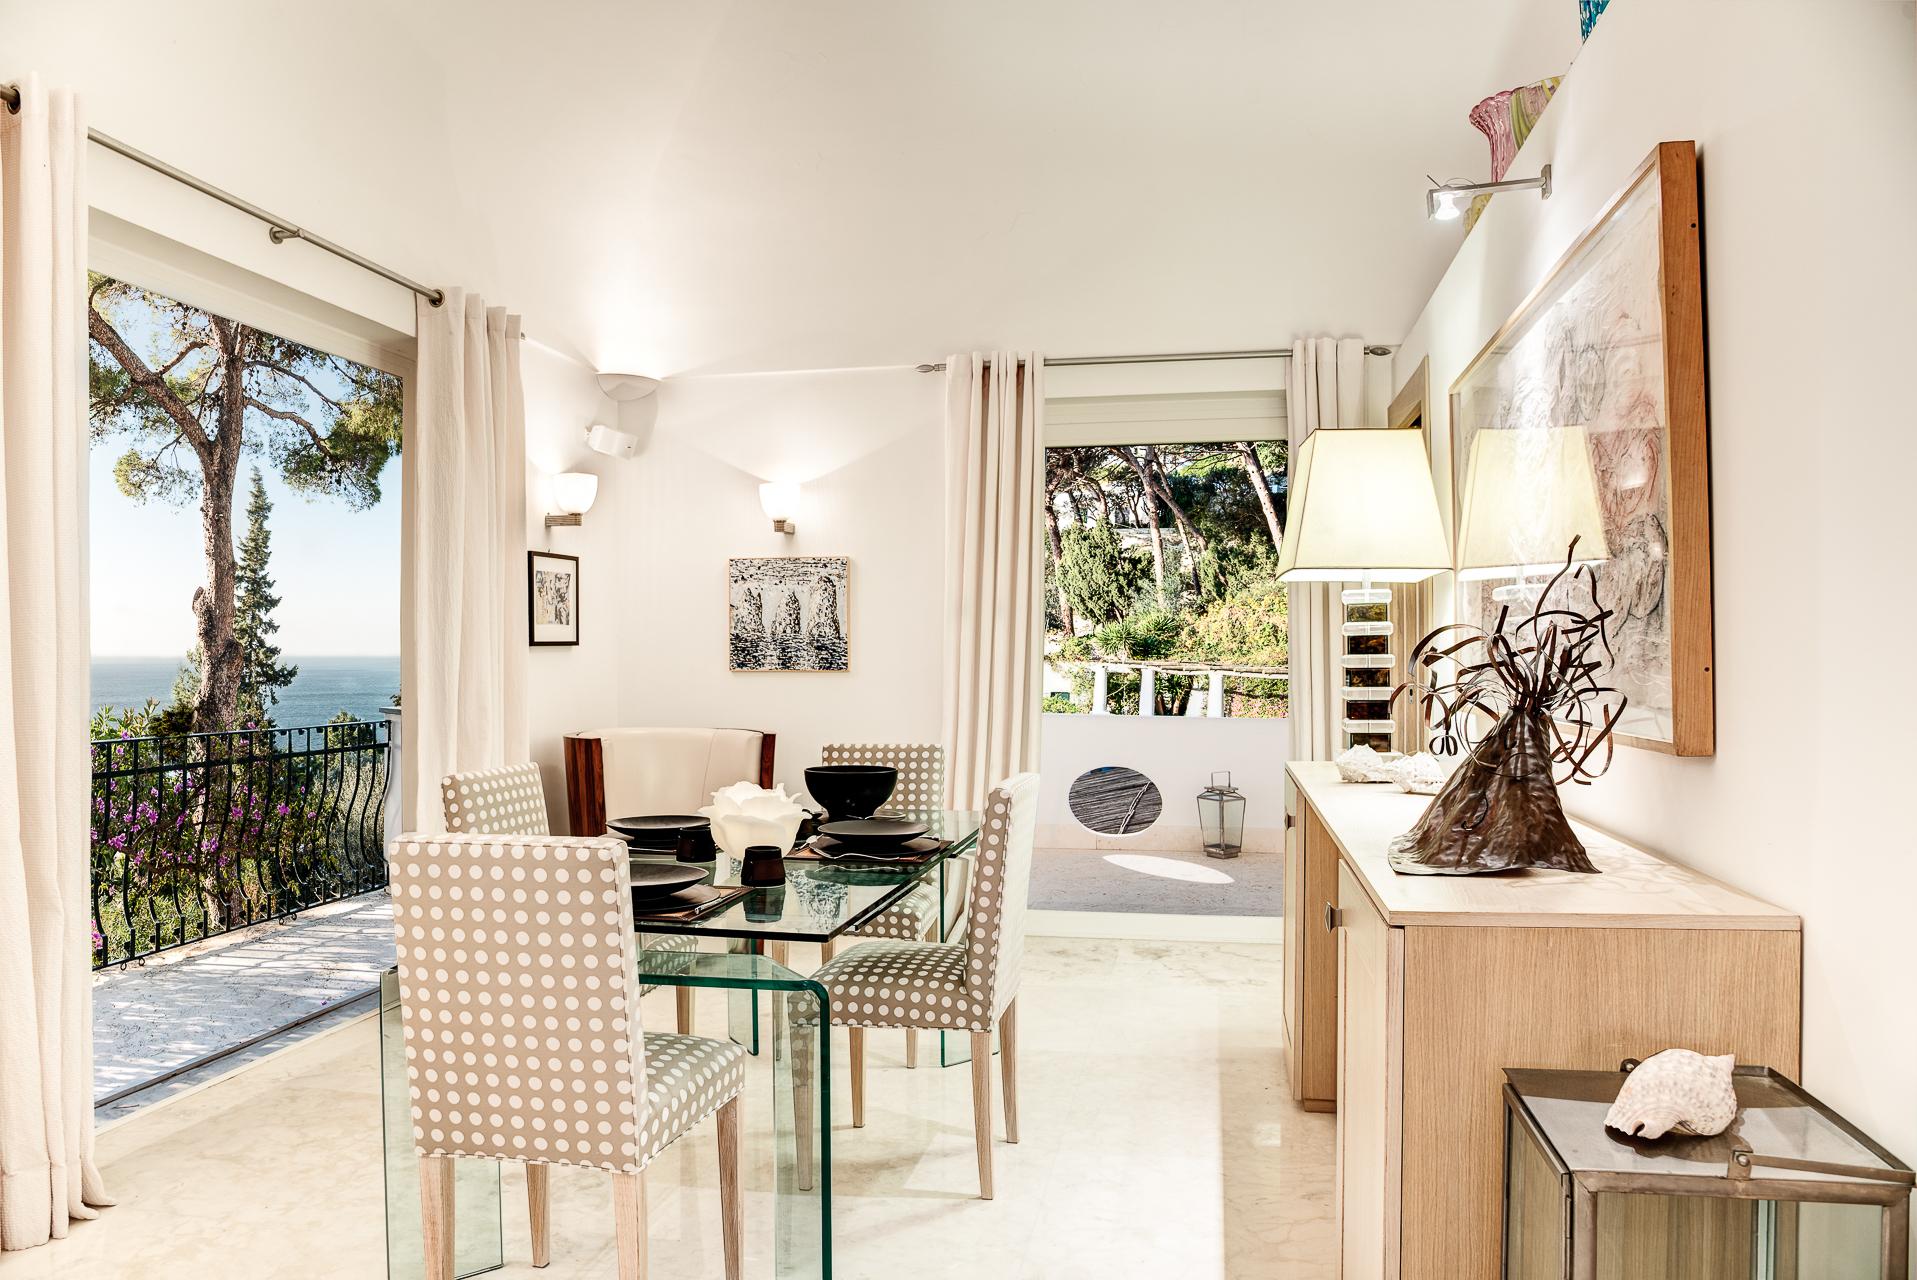 Apartment Villa Bougainvillea - Luxury Capri Villa with Views photo 18917493